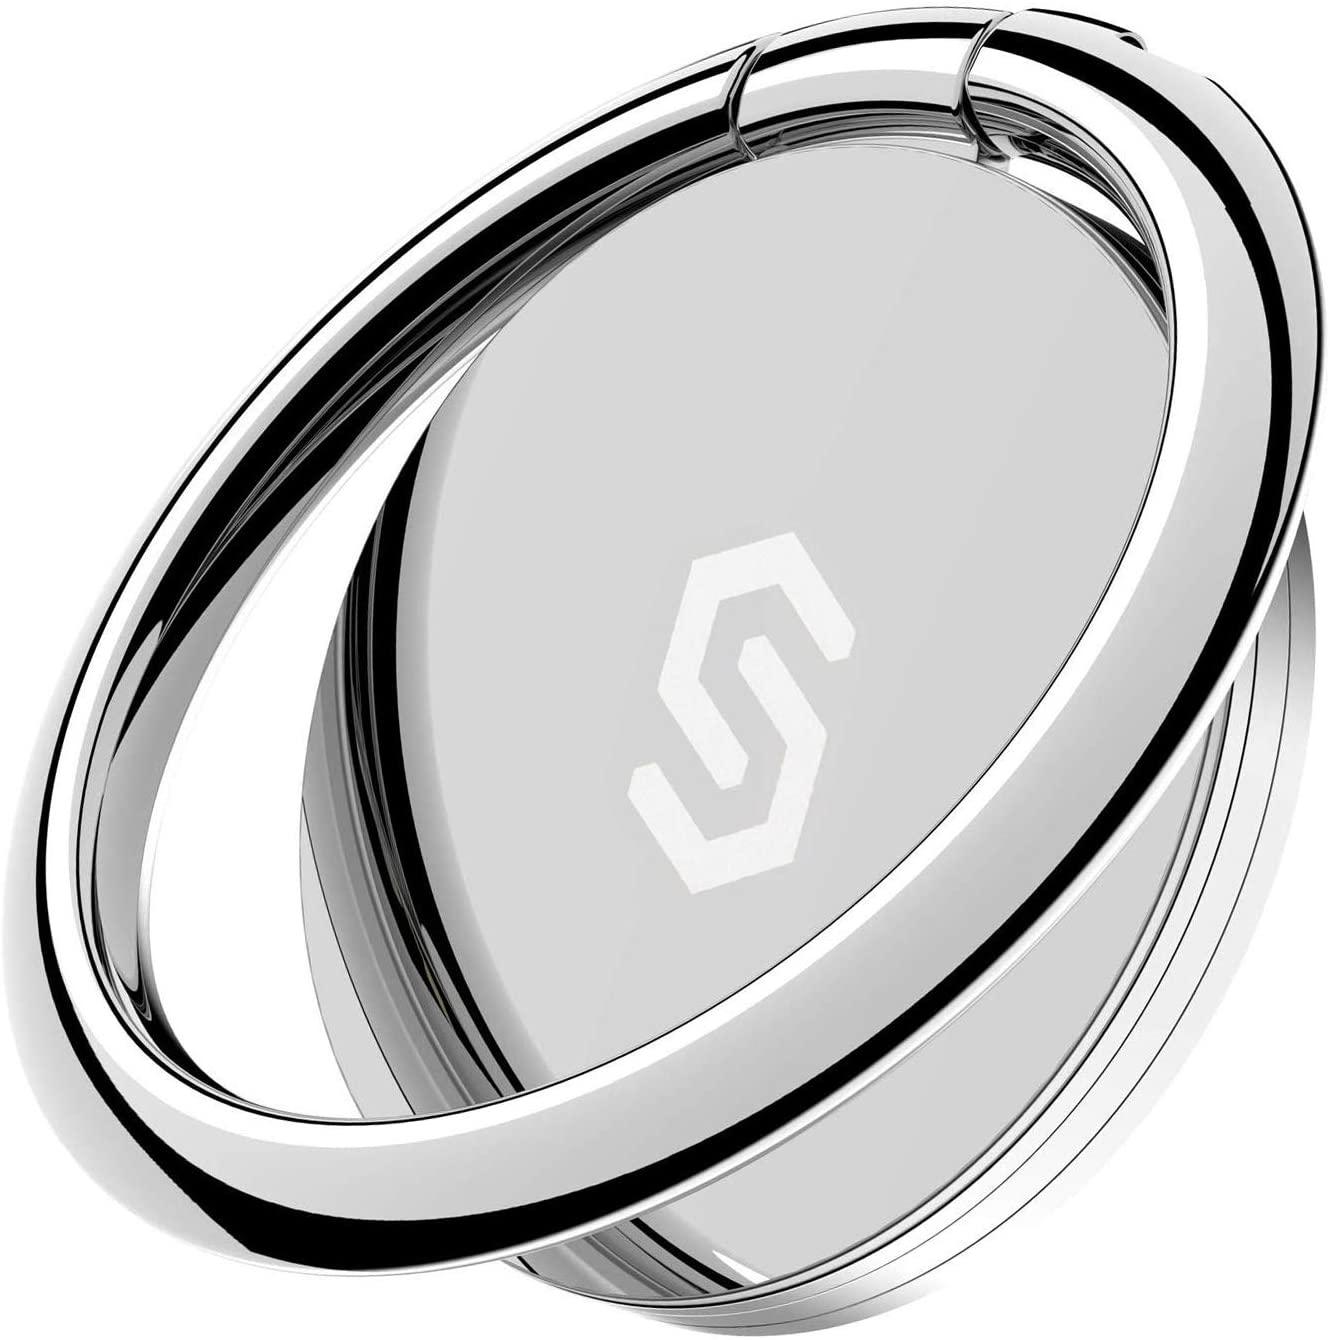 Syncwire 正規品送料無料 スマホリング 正規品 おしゃれ 薄型 スーパーセール期間限定 360°回転 定番 バンカーリング 落下防止 スタンド機能